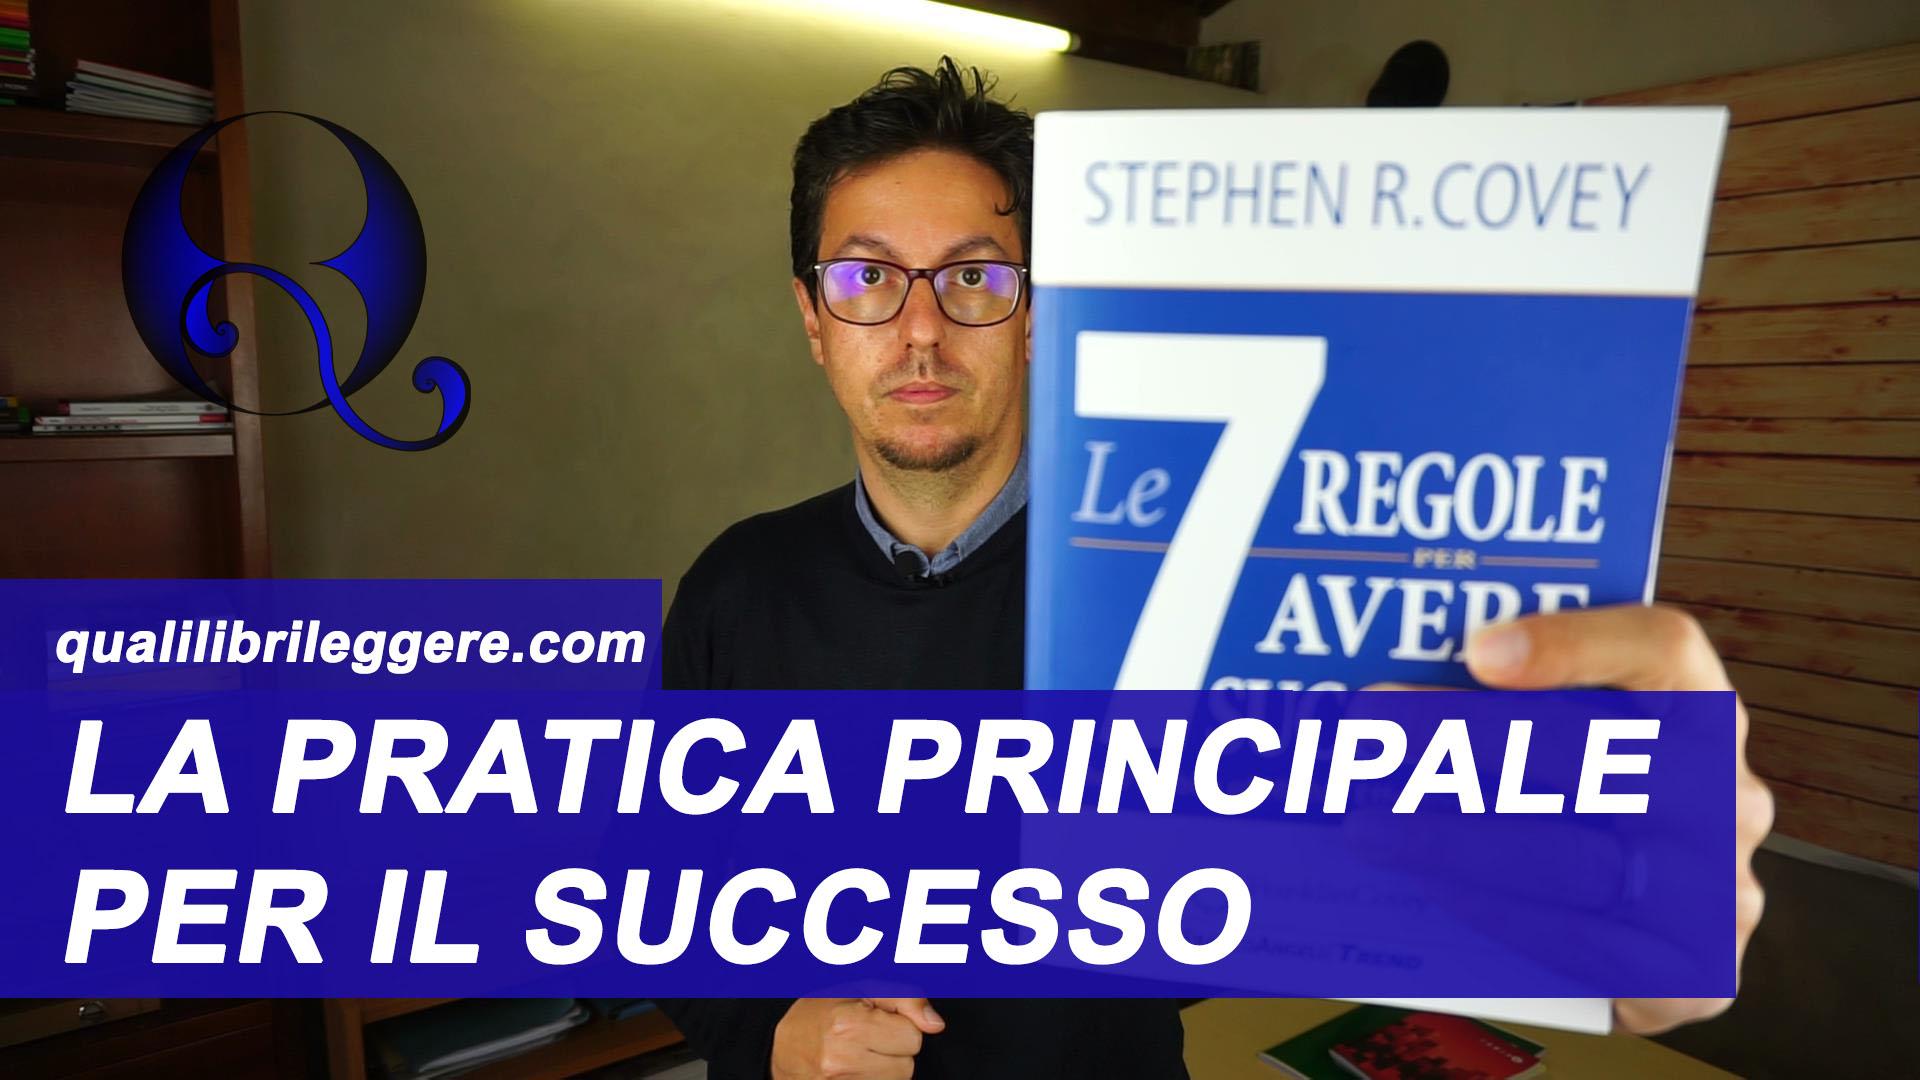 Abitudini delle persone affermate: recensione libro Le 7 Regole per avere Successo di Stephen Covey